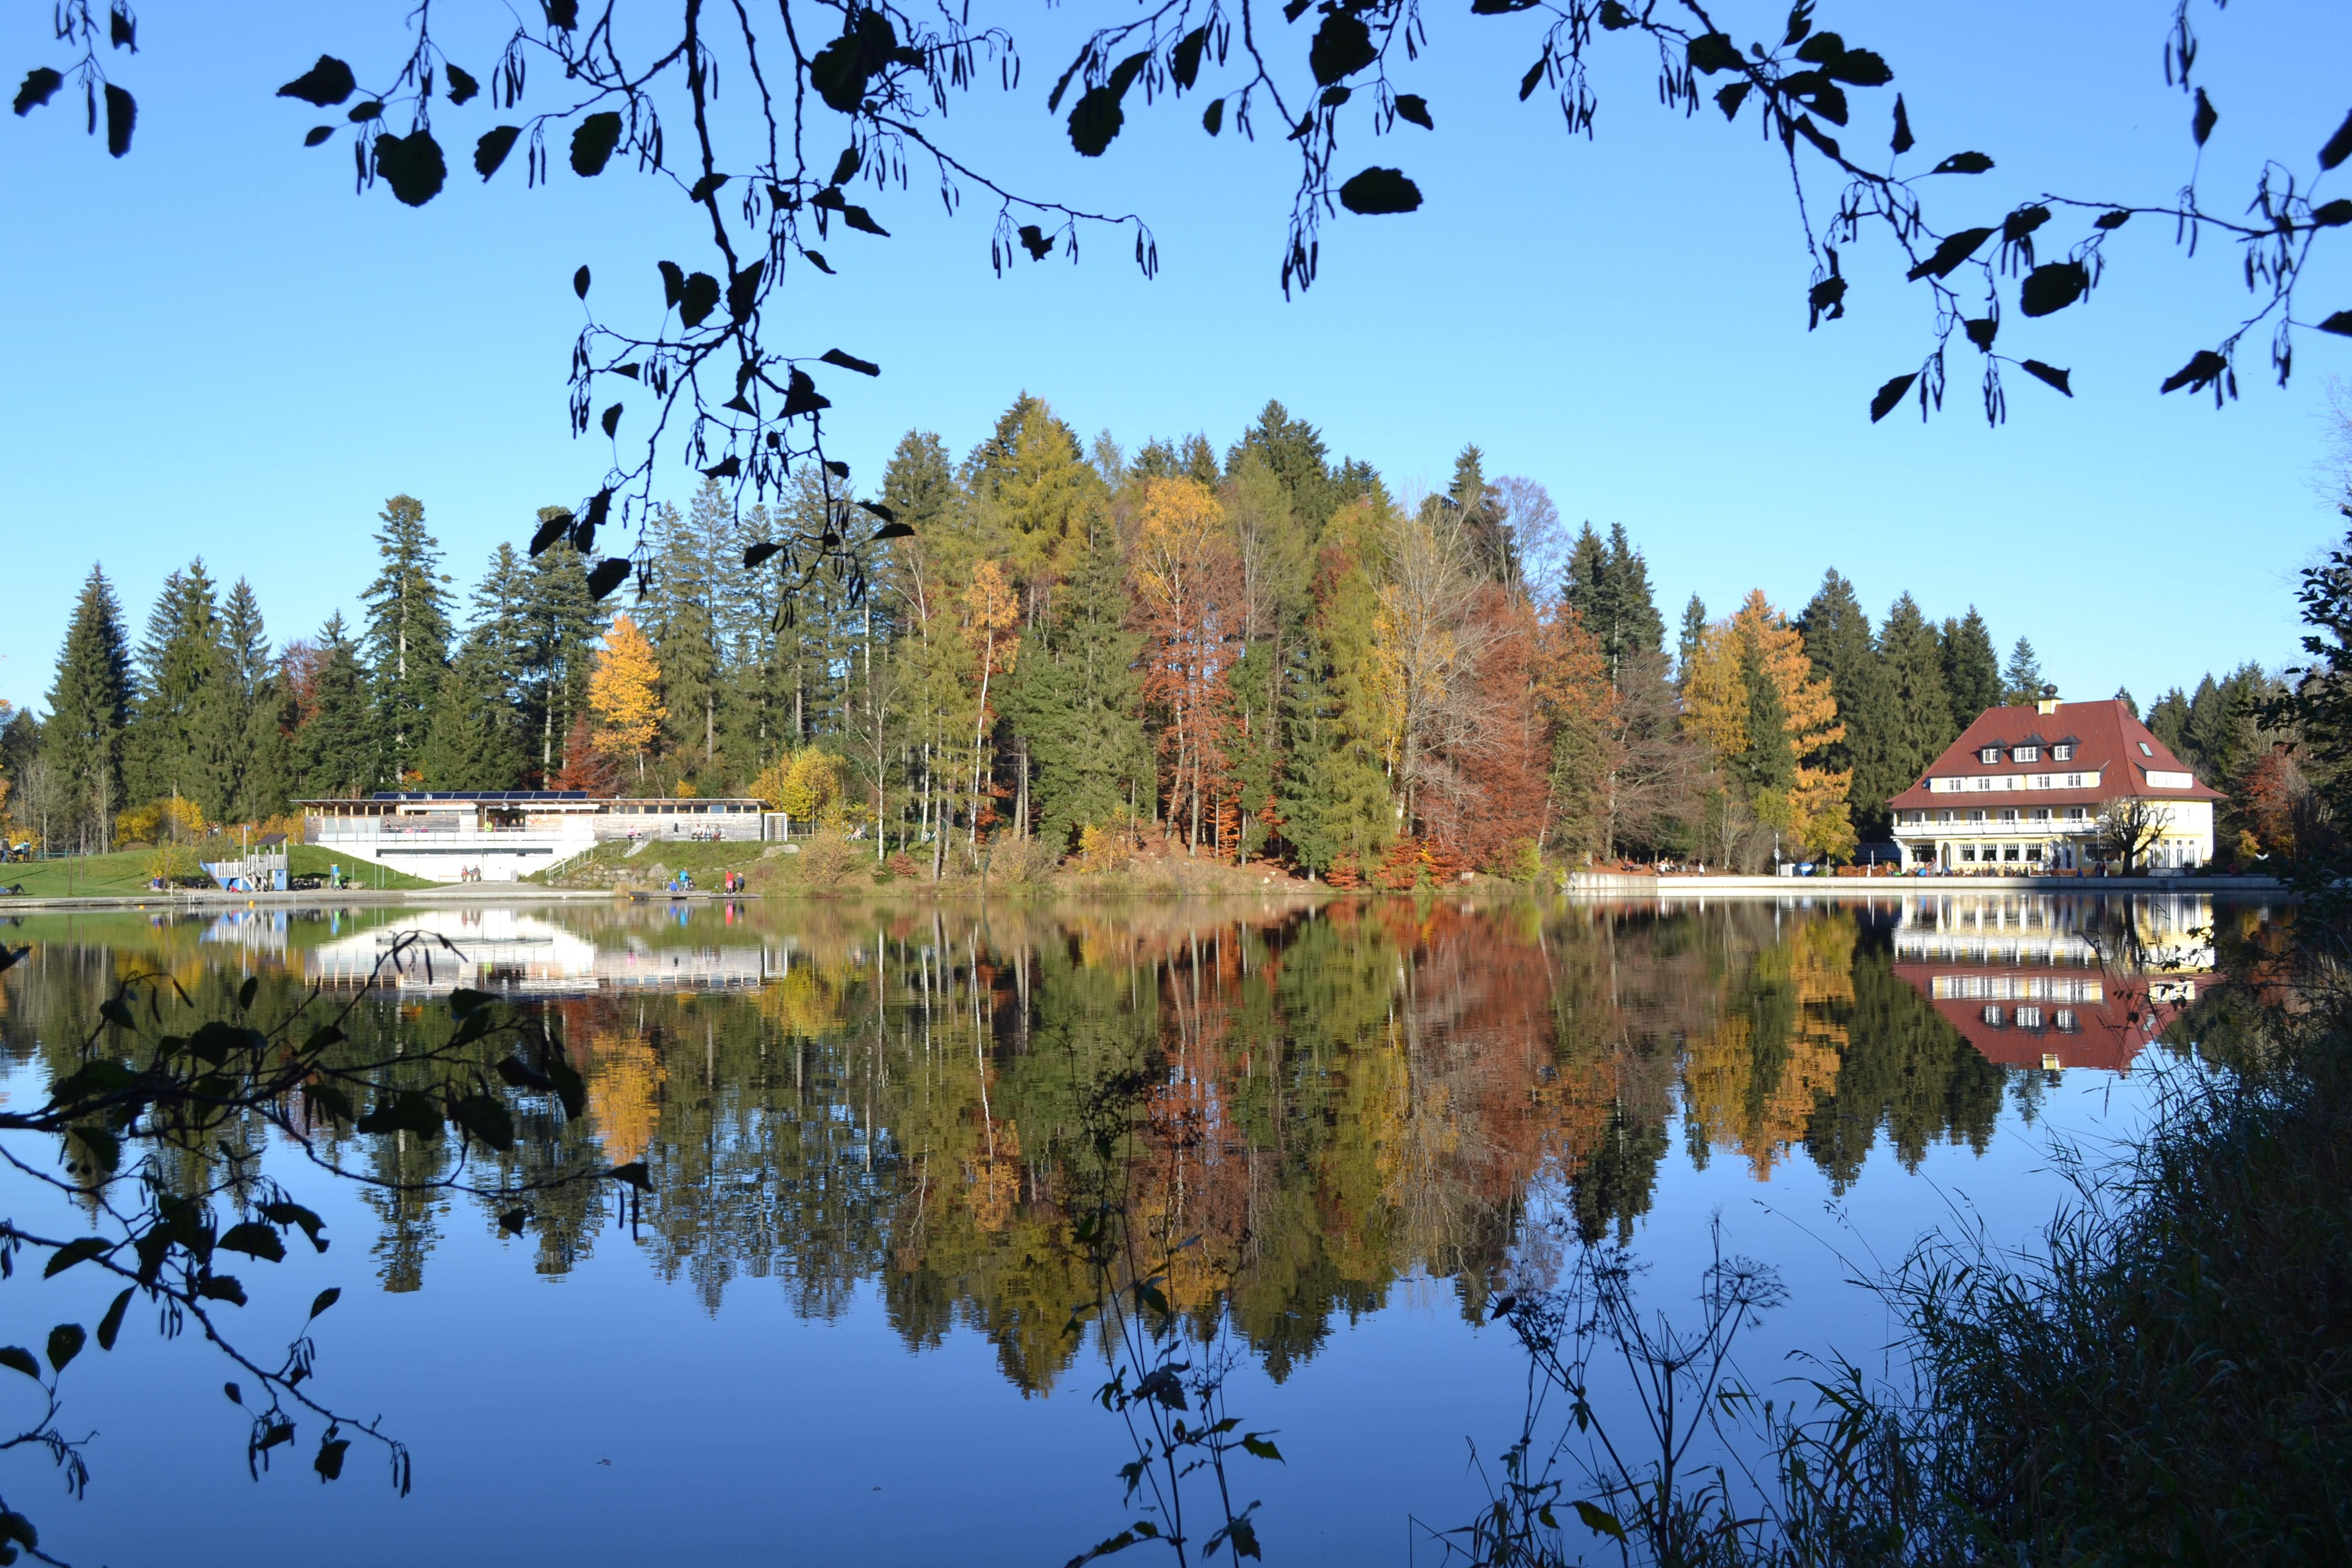 Waldseebad und Hotel Waldsee im Herbst